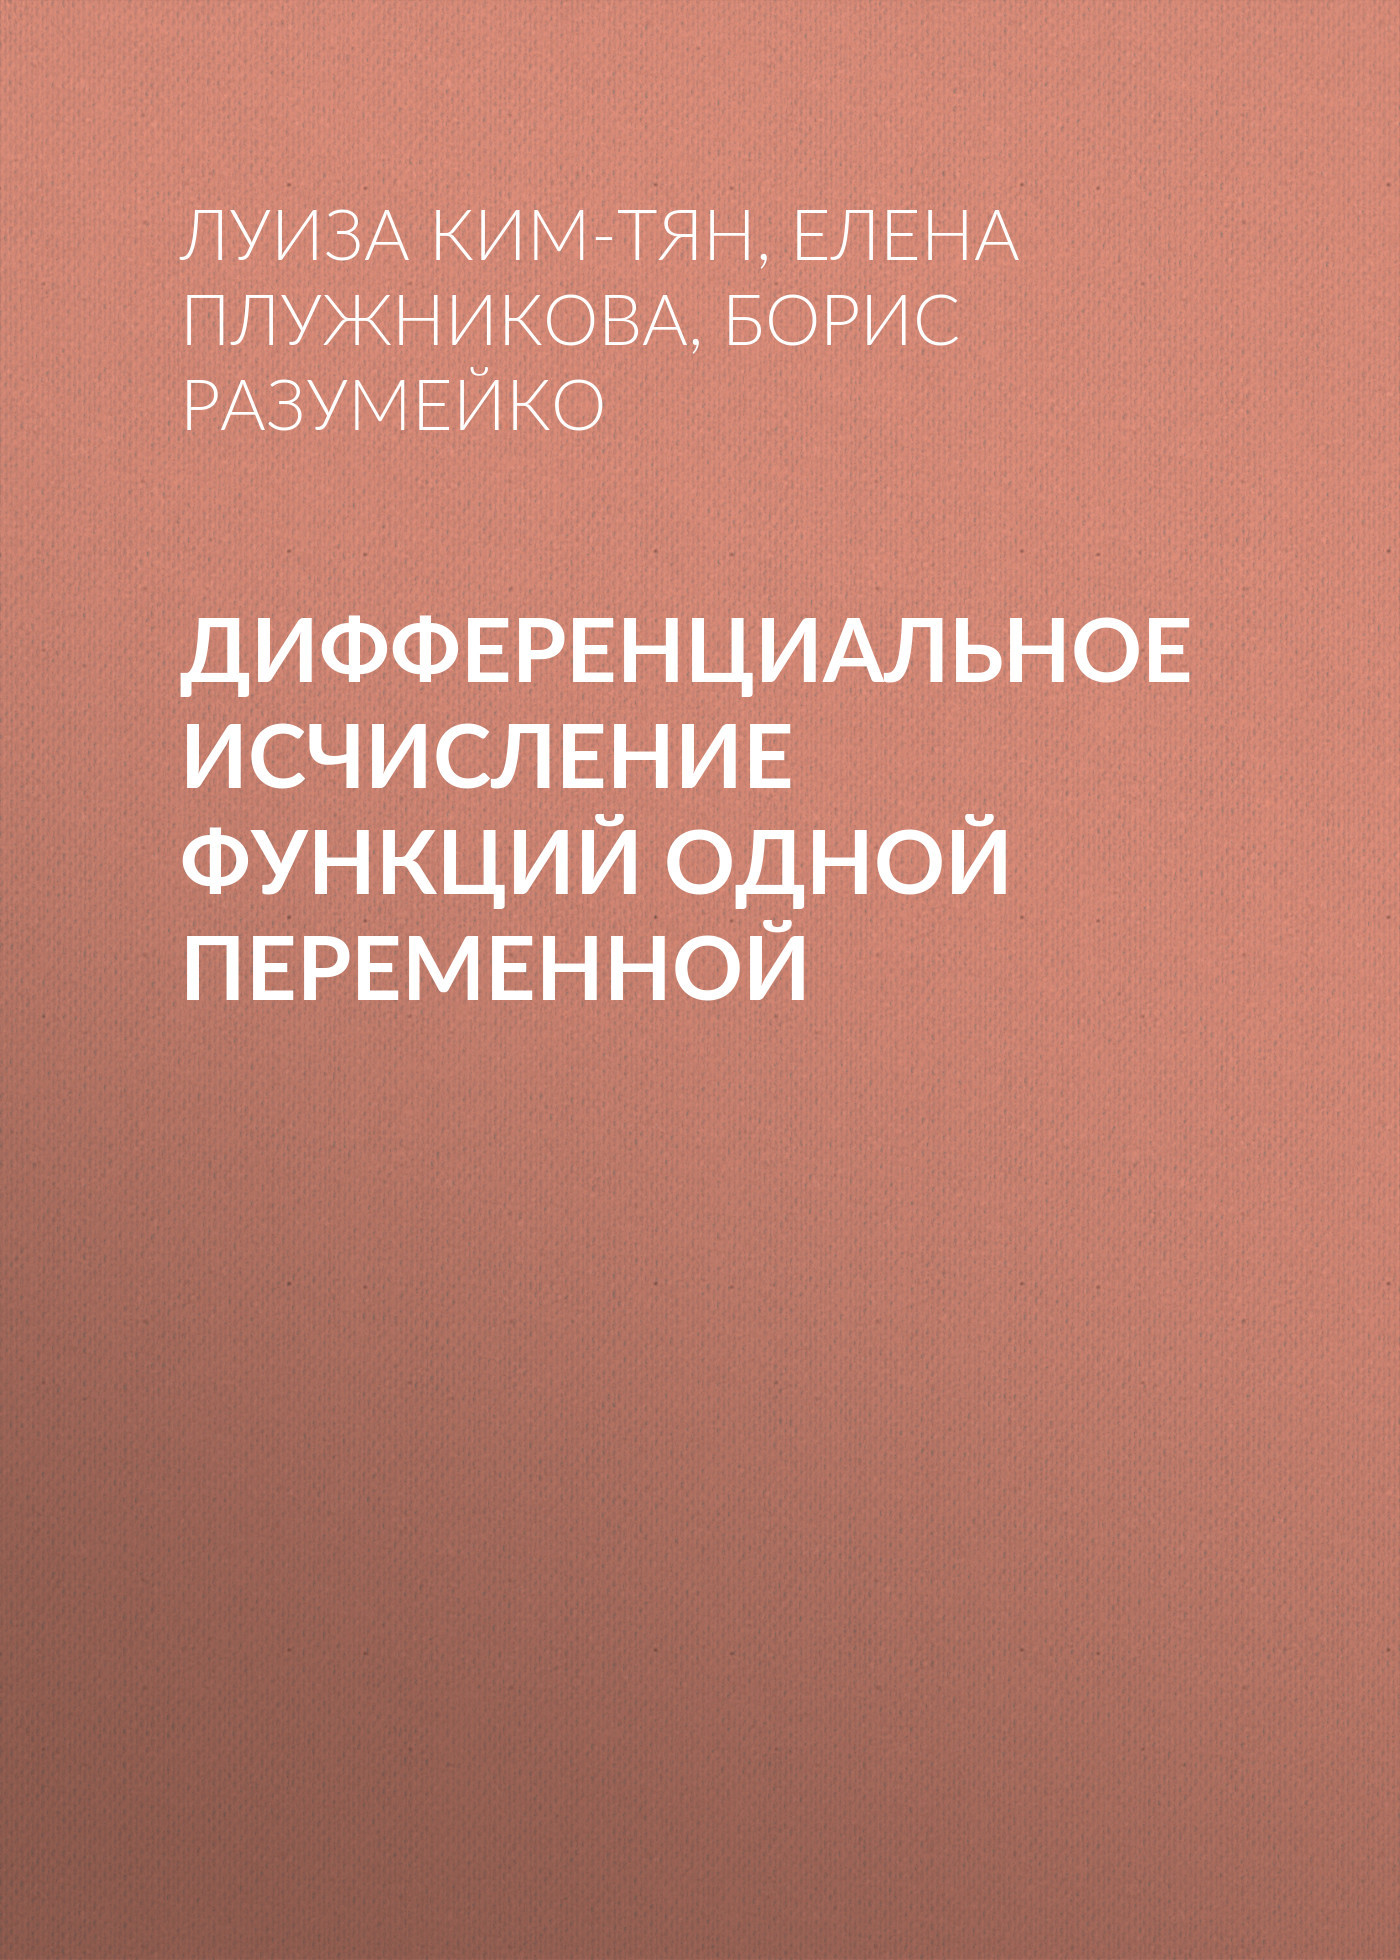 Елена Плужникова Дифференциальное исчисление функций одной переменной елена плужникова дифференциальное исчисление функций многих переменных